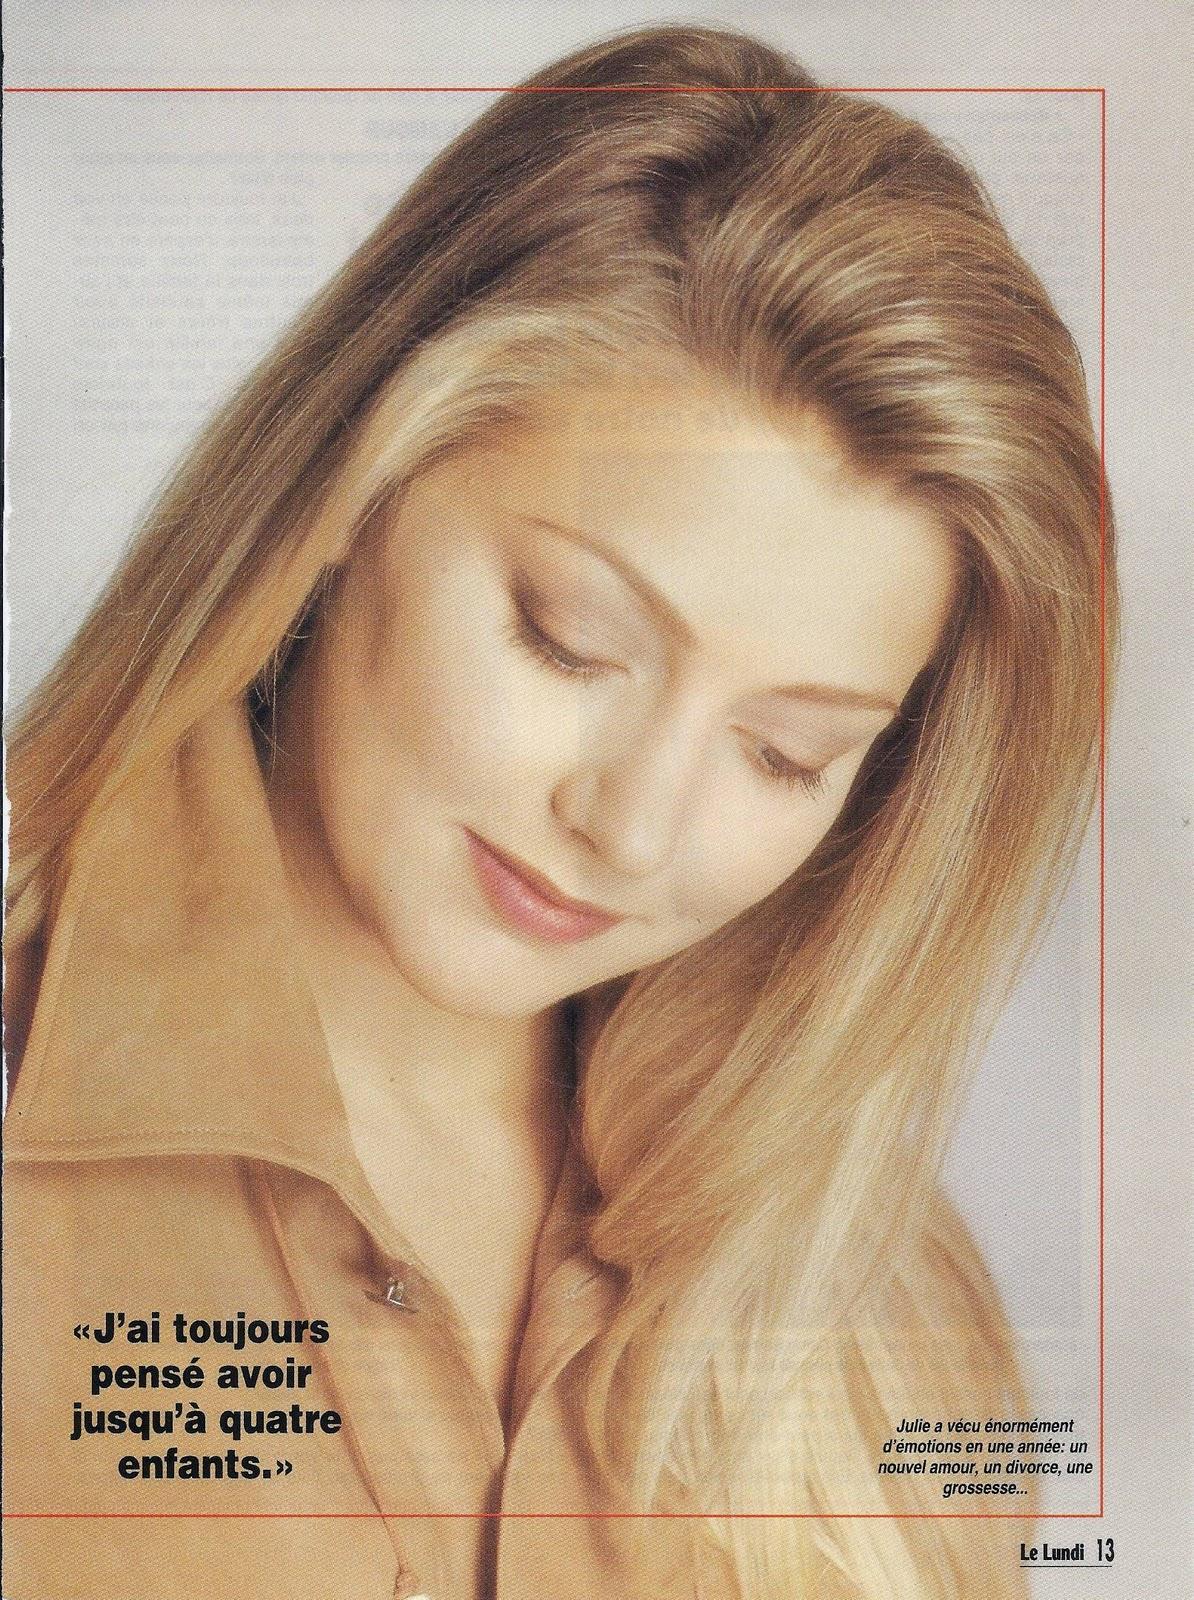 http://3.bp.blogspot.com/-MQB_z6rF5qE/Tqvs_NkVMoI/AAAAAAAAAPA/ggkY1sP-sBI/s1600/Le+lundi+-+Julie+Masse+enceinte+de+5+mois+-+4.jpg